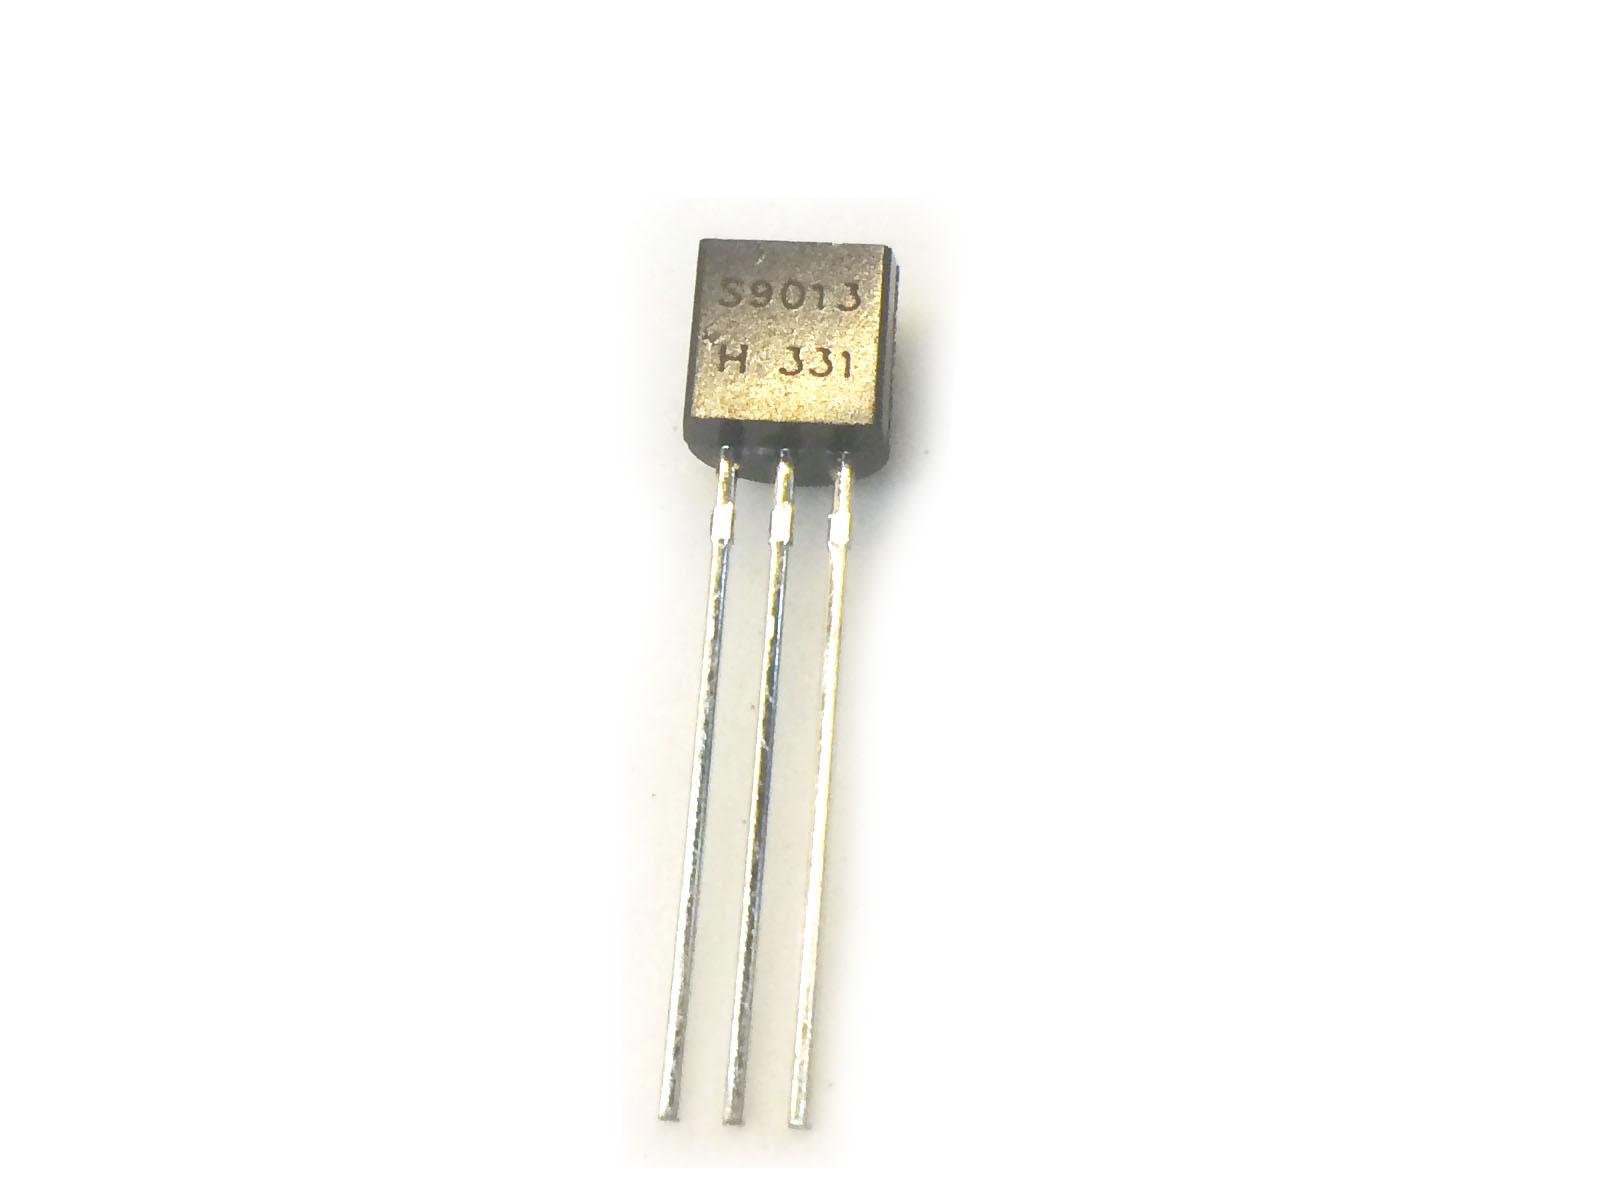 Transistor S9013-5 cái